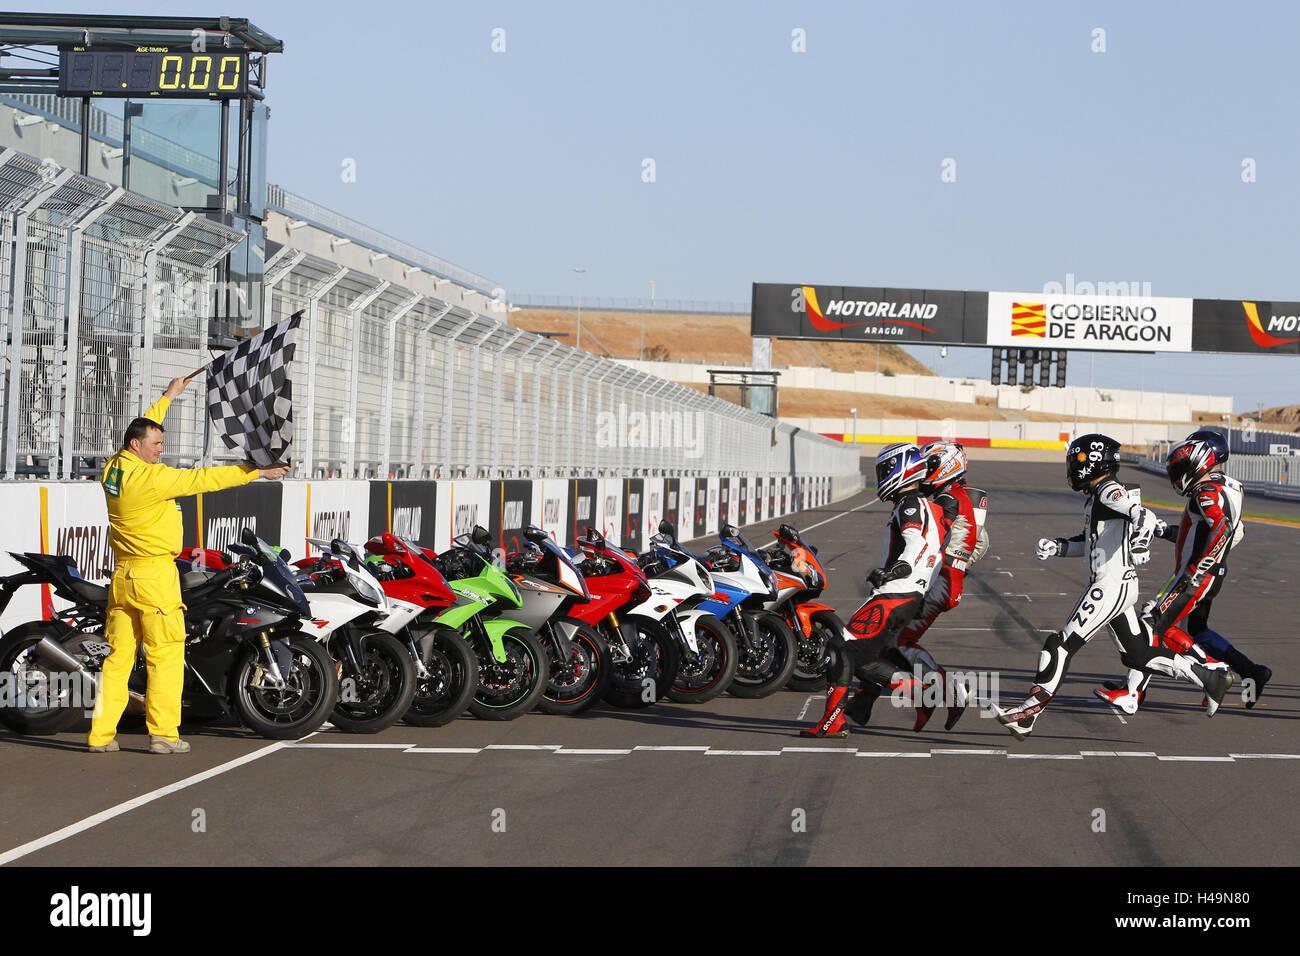 Motociclo 1000cc prova di confronto, motore paese Aragona Spagna, supersportsman, i driver in esecuzione per i motocicli, Immagini Stock